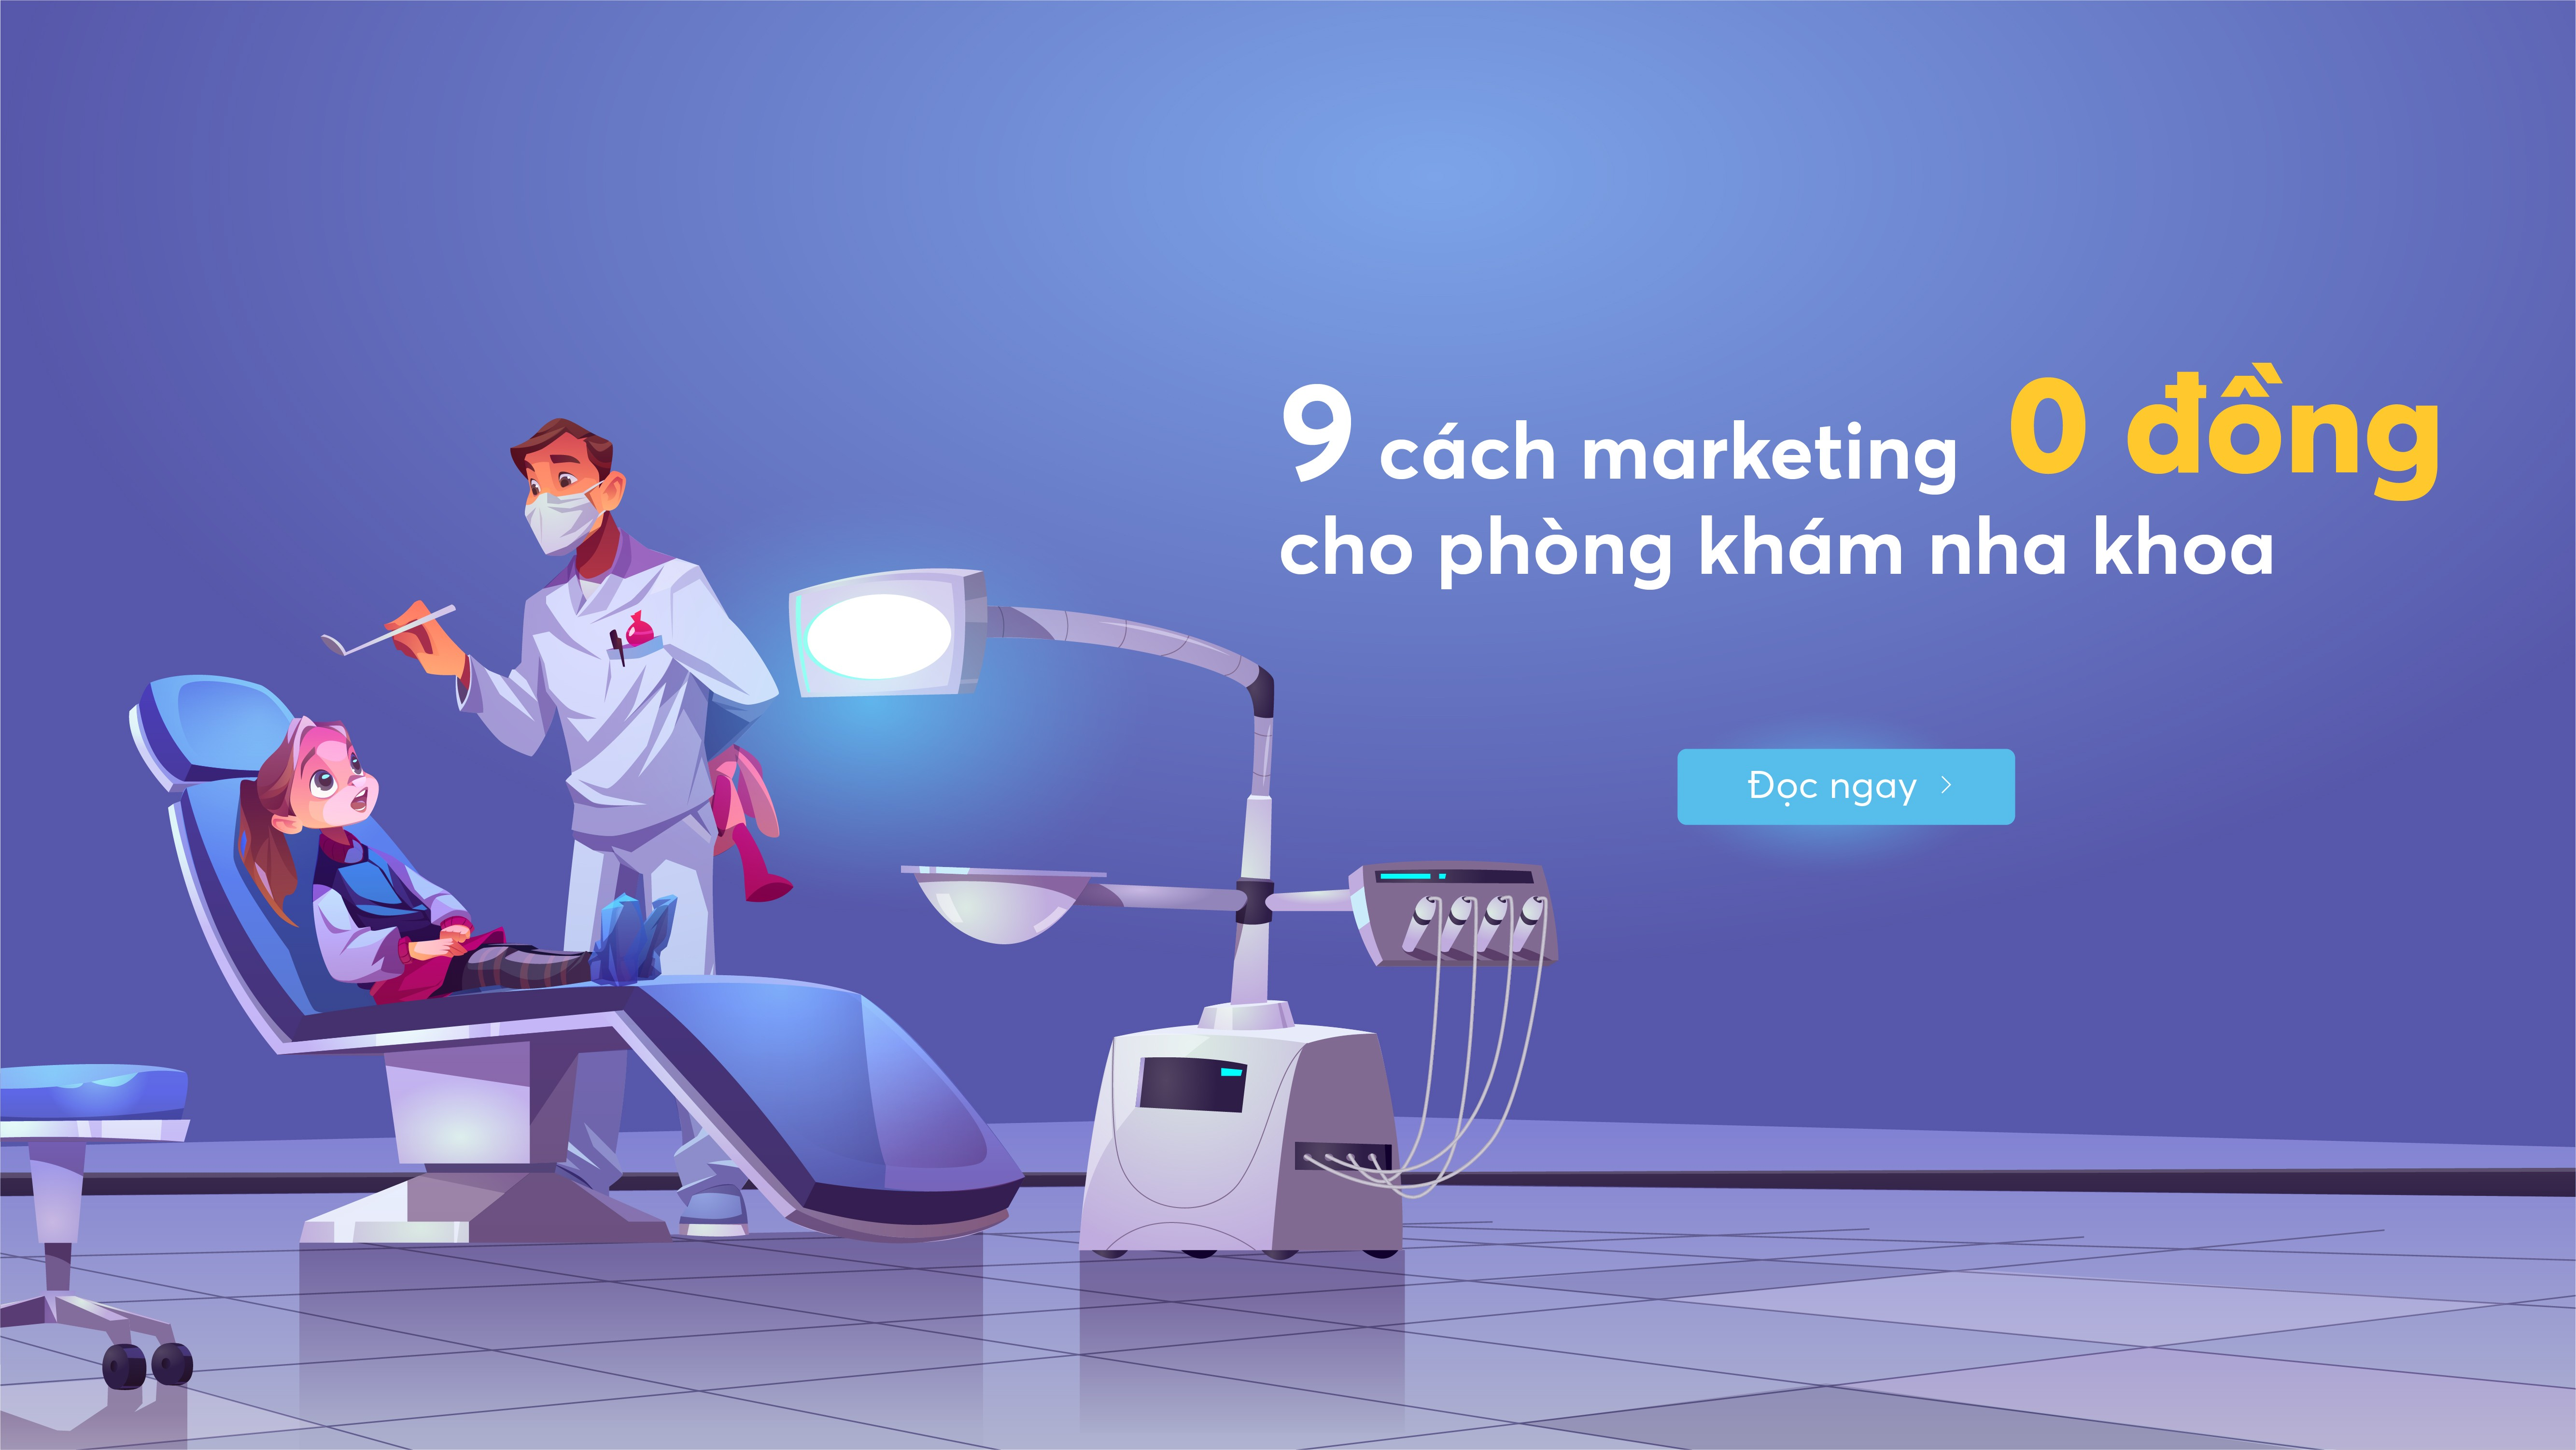 Marketing cho phòng khám nha khoa